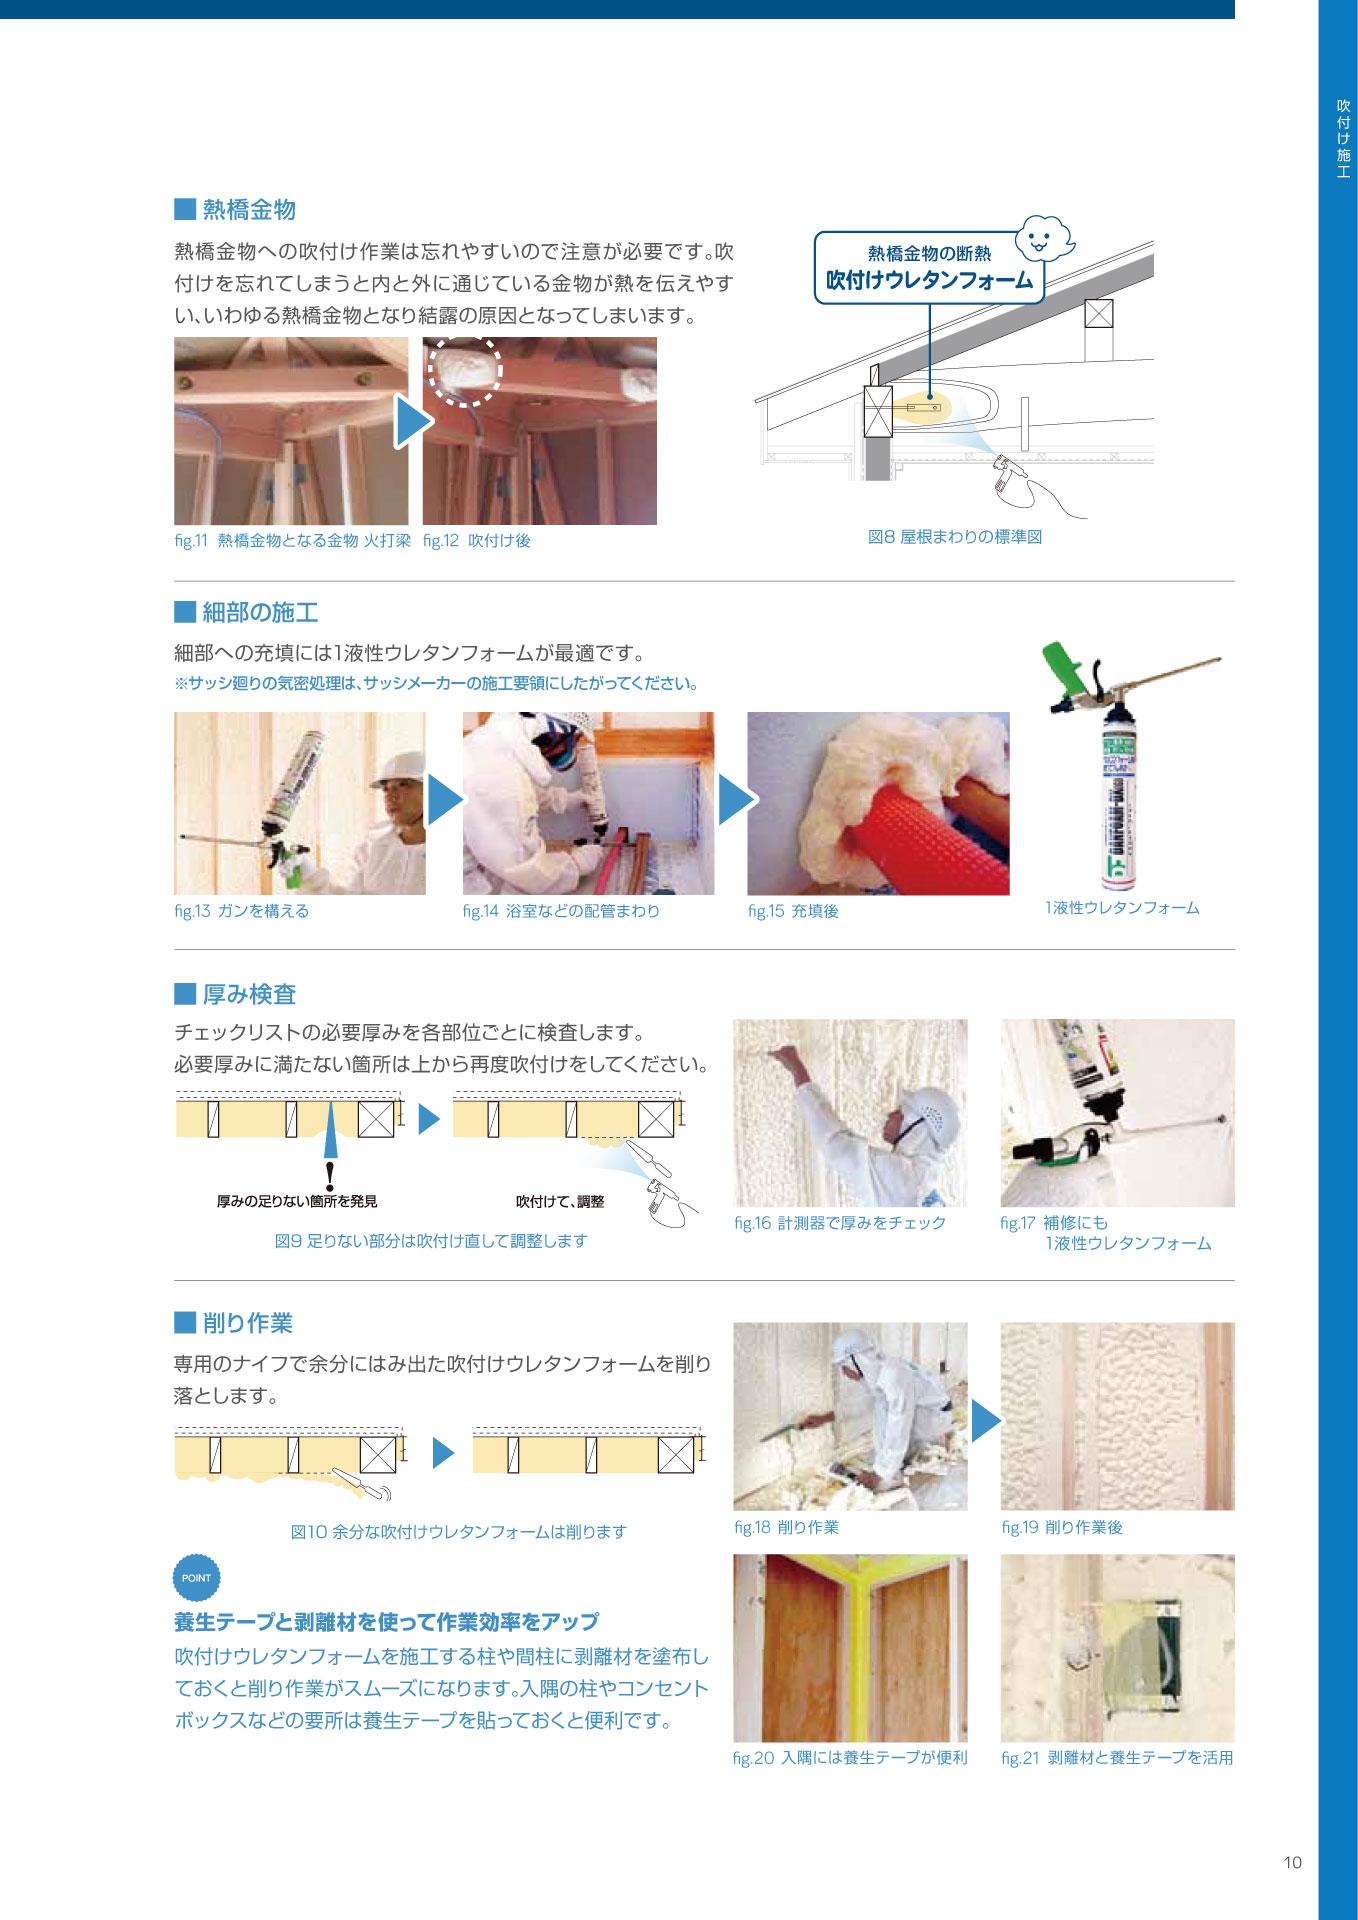 木造住宅用施工マニュアルP10